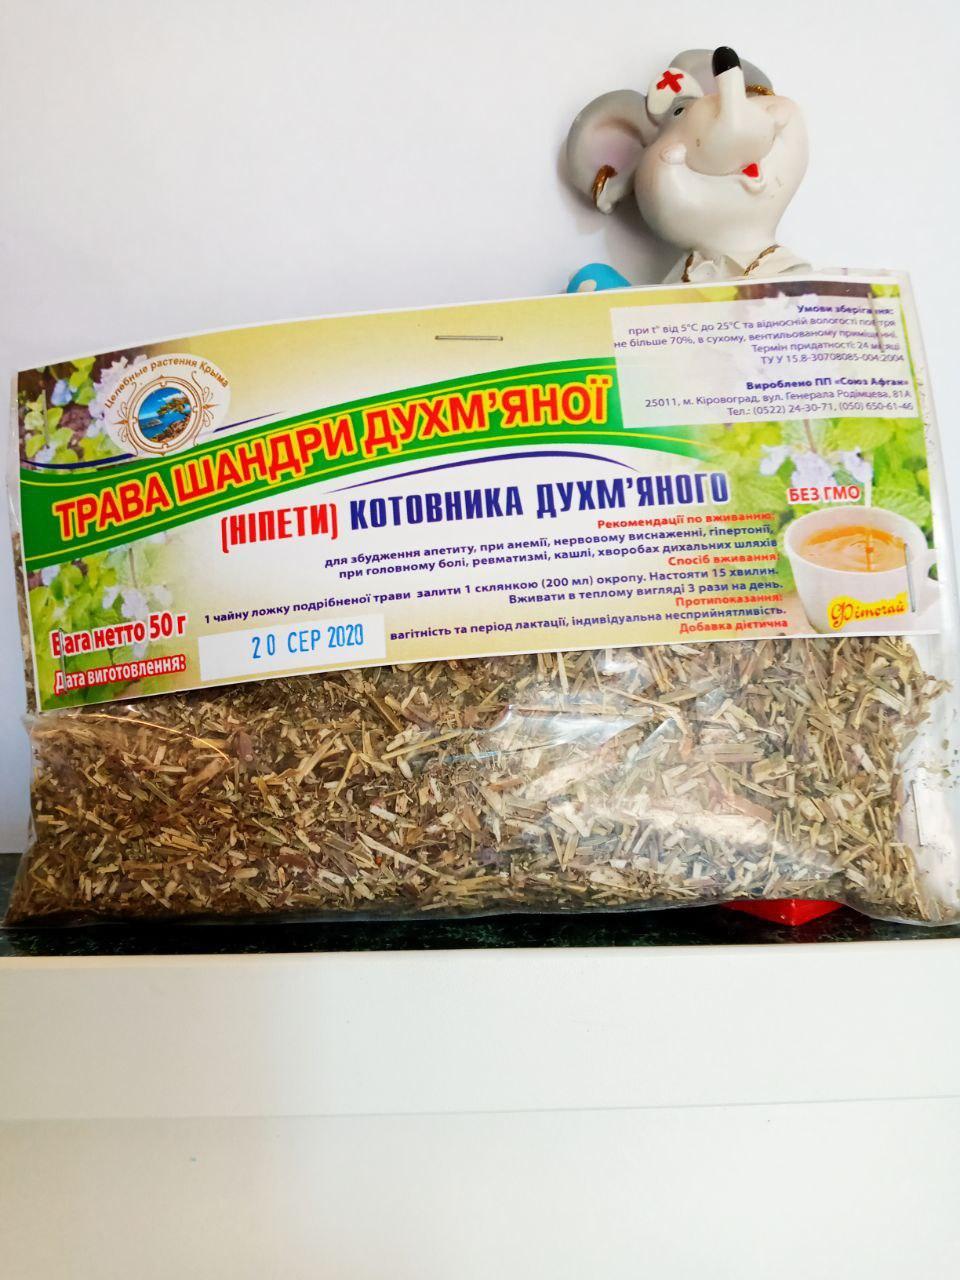 Покупаете траву Шандра душистая Котовний как прекрасное жаропонижающее, потогонное, противоспалительное средство в фитотерапии